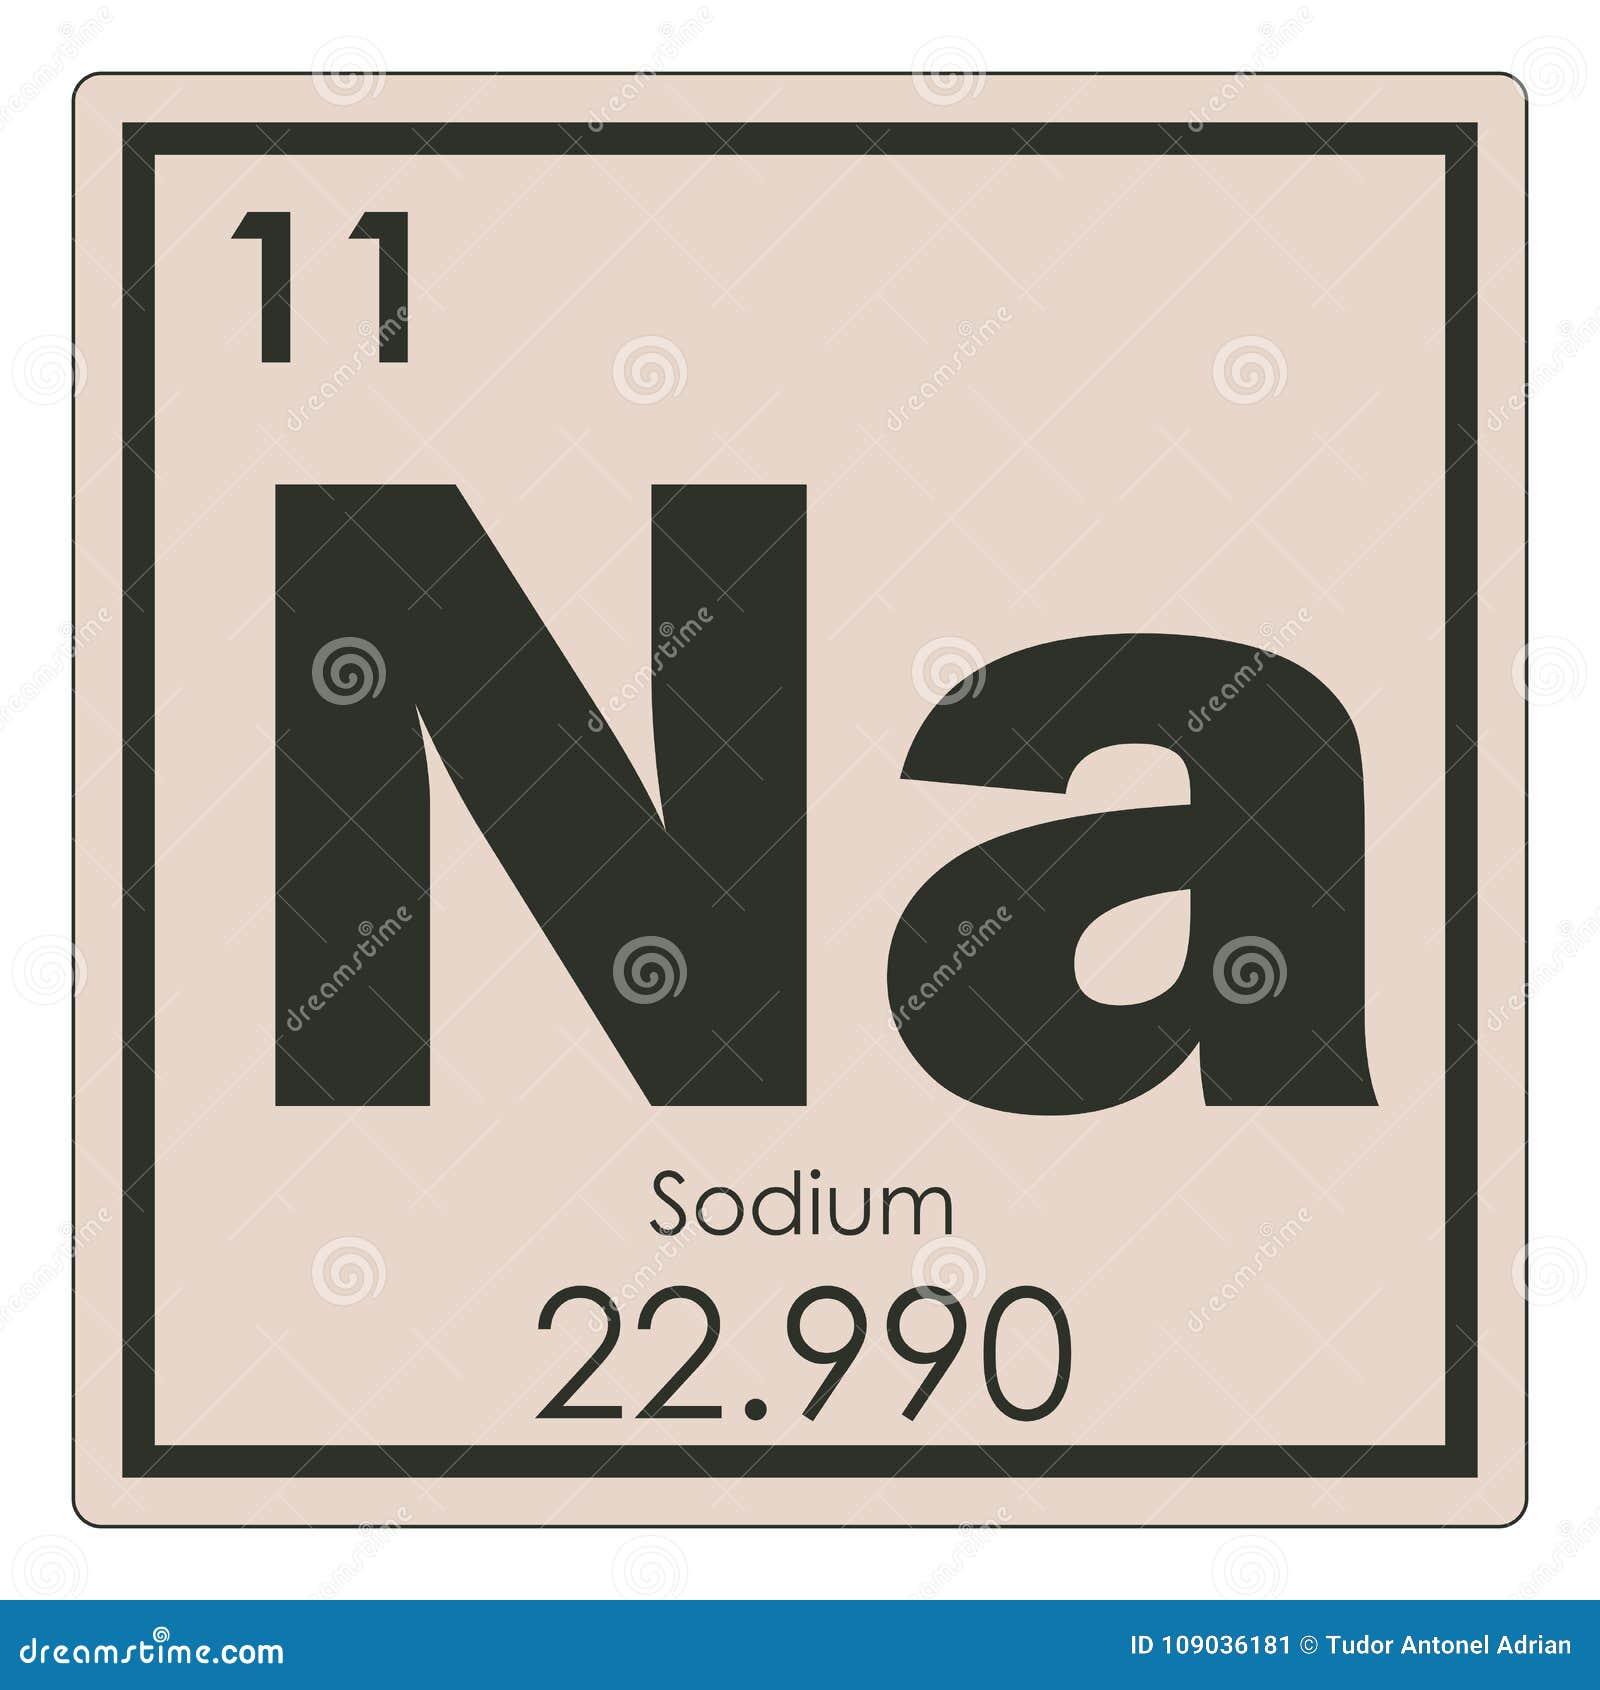 Sodium Chemical Element Stock Illustration Illustration Of Symbol